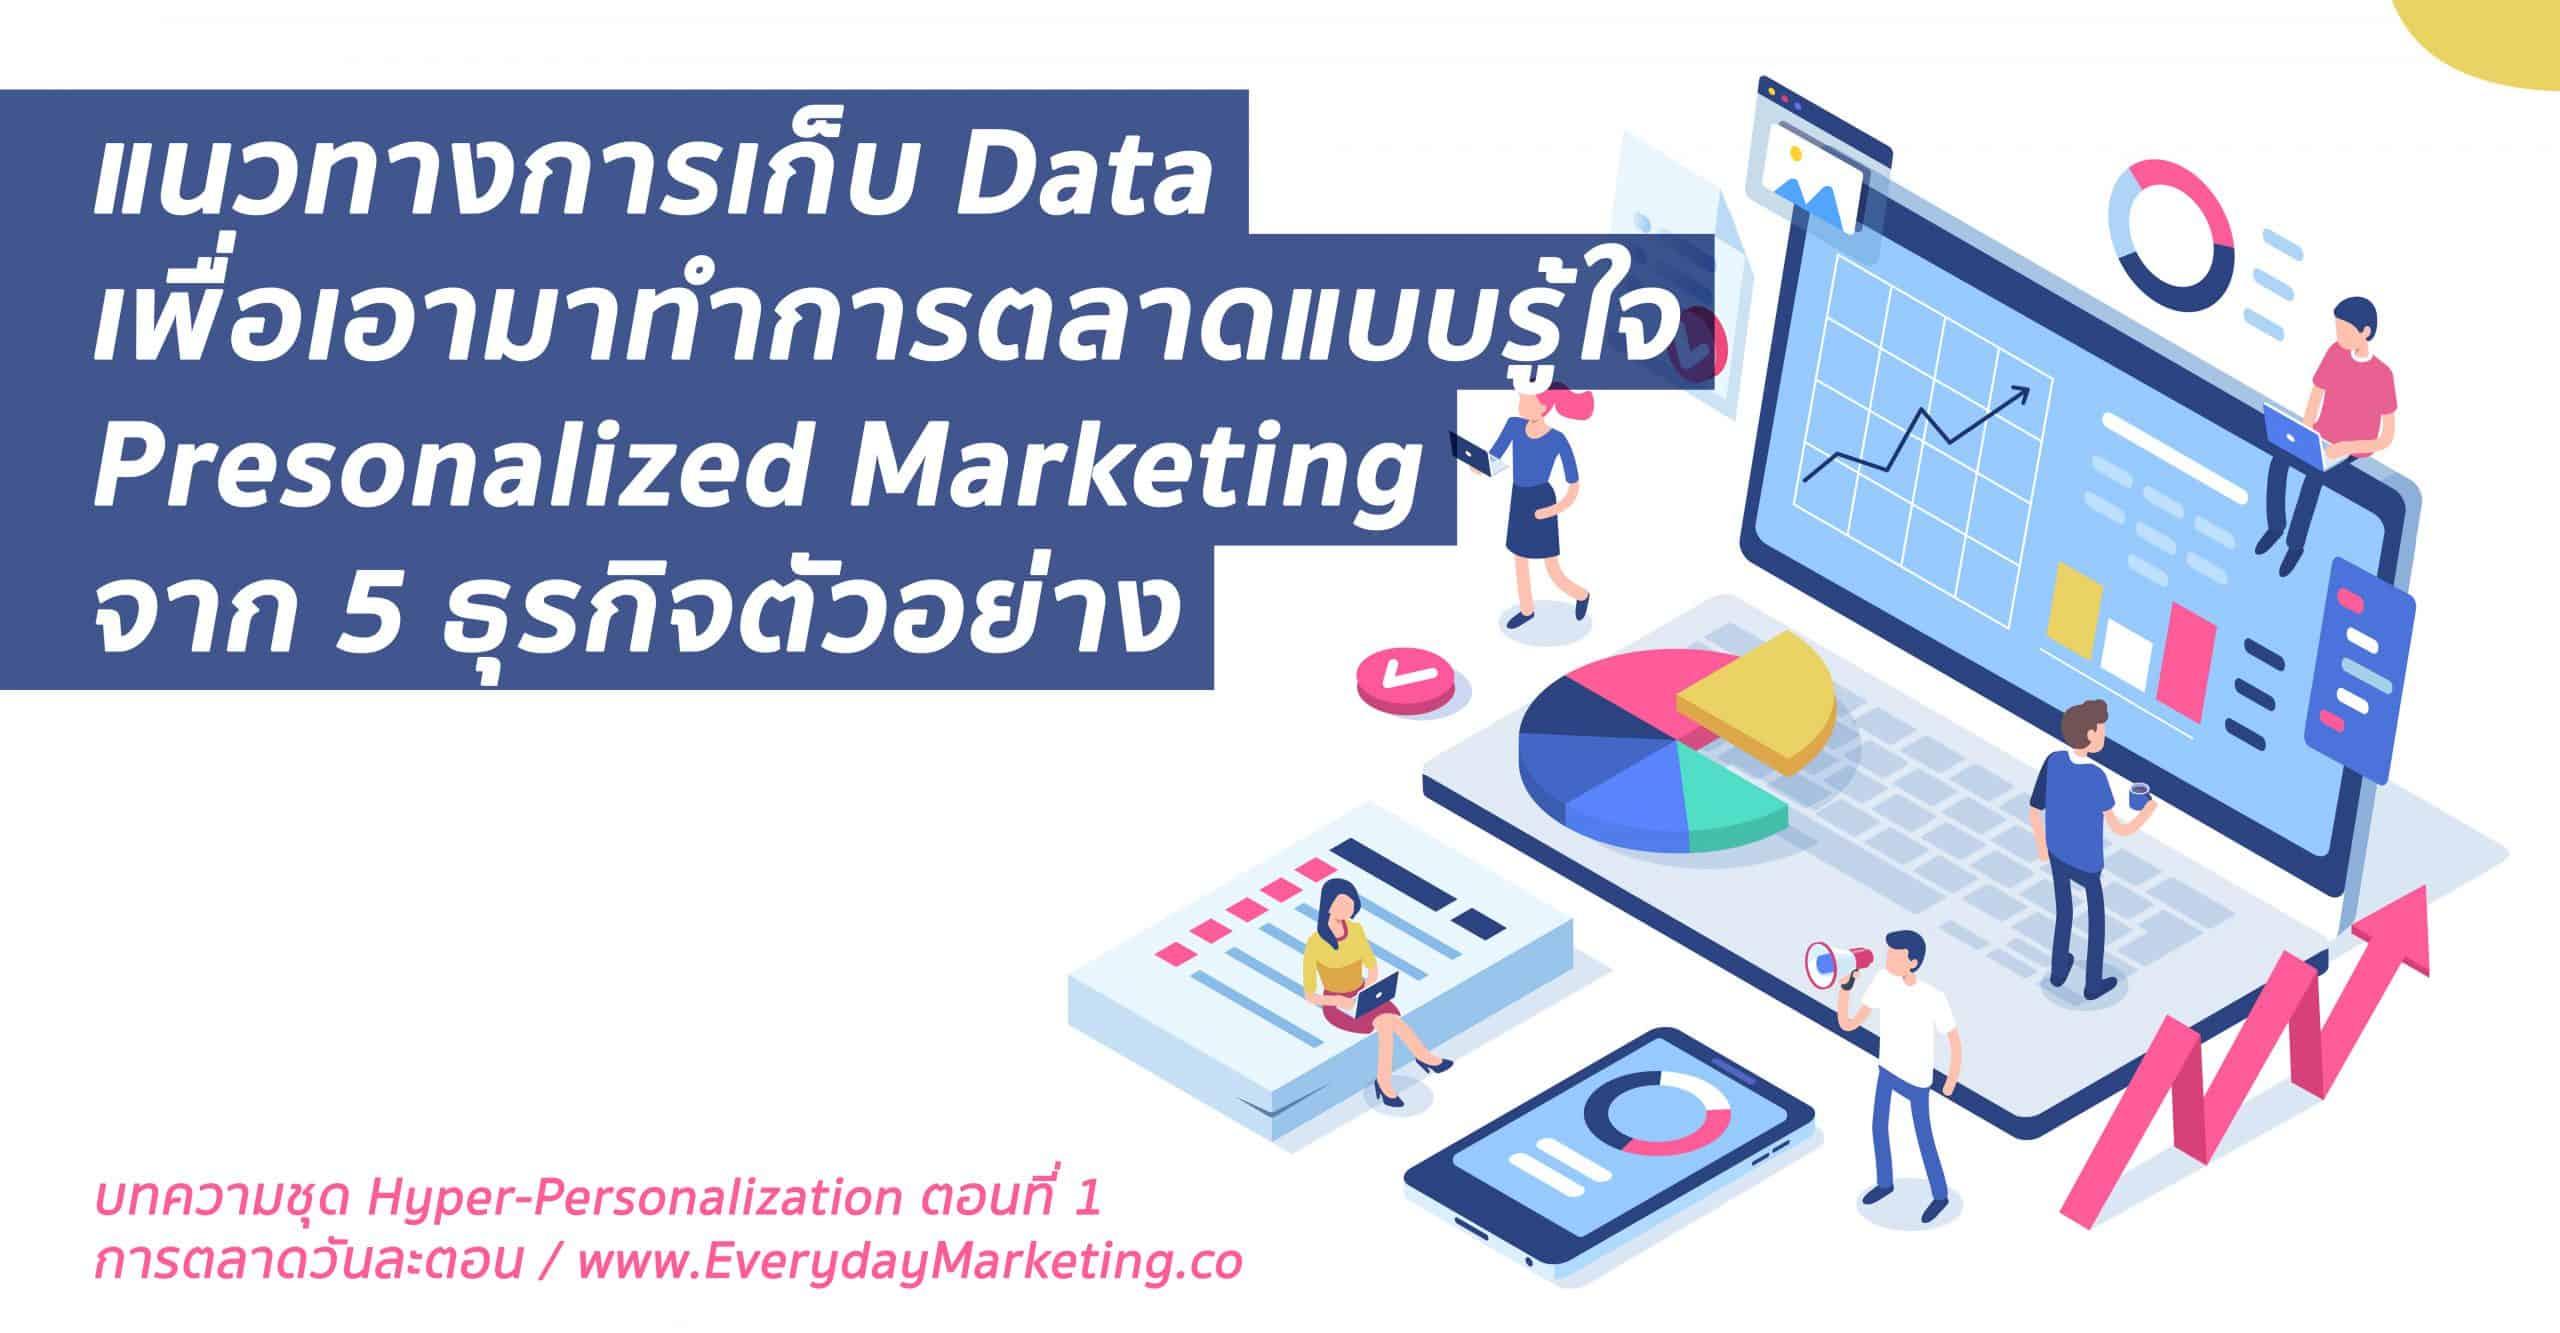 จะทำการตลาดแบบรู้ใจ Personalization ต้องเก็บ Data อะไรบ้าง